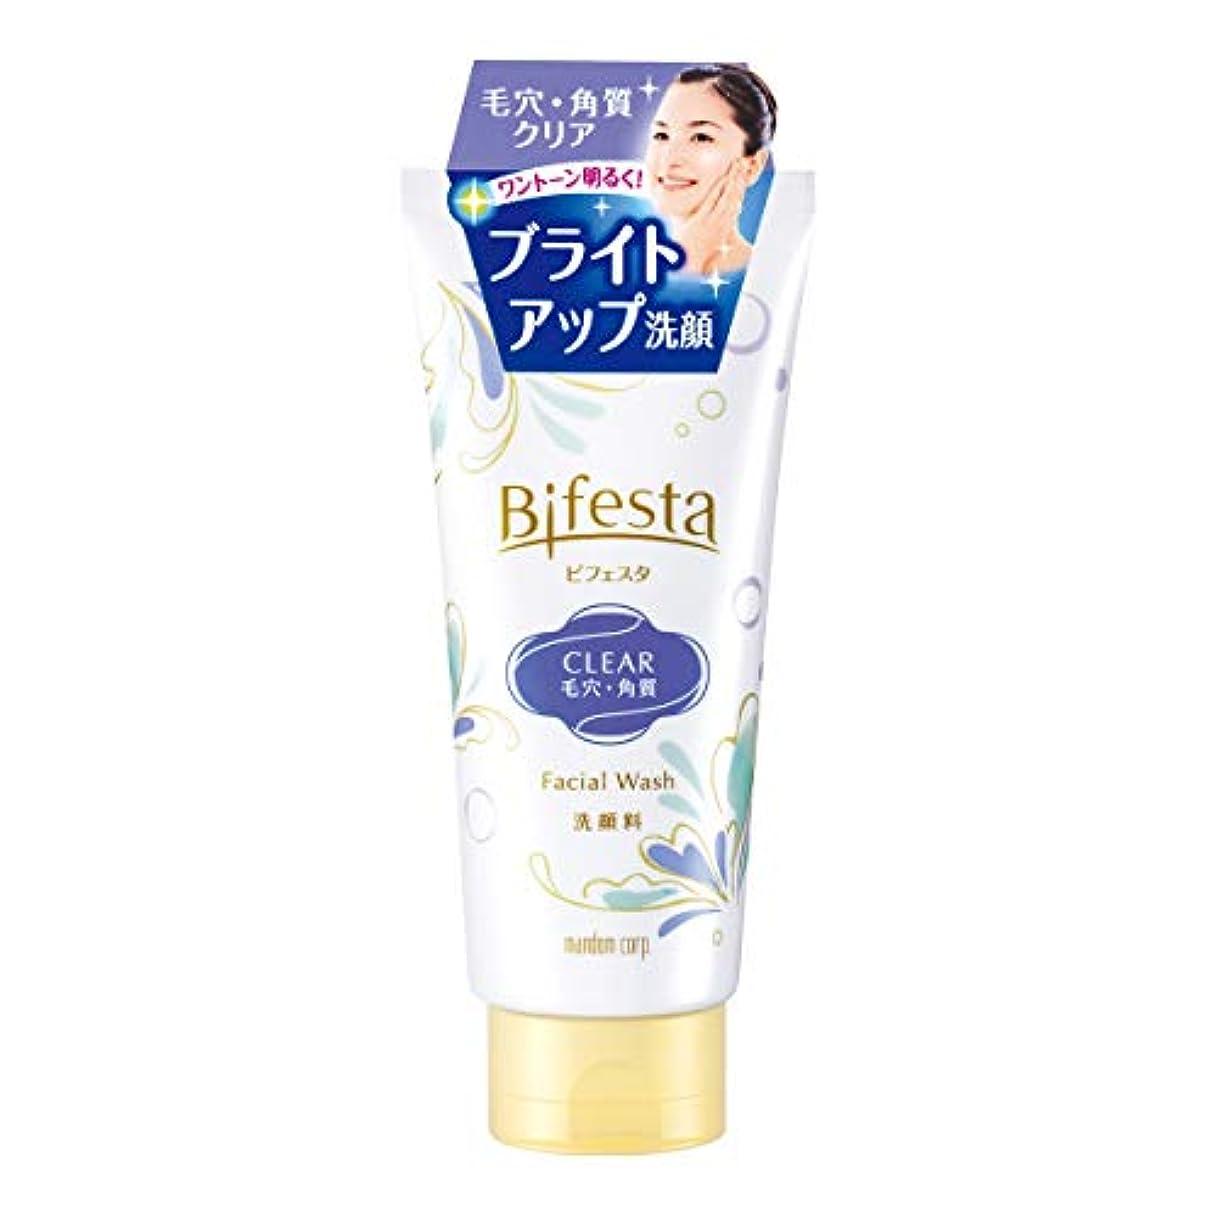 振動する上に家事ビフェスタ(Bifesta)洗顔 クリア 120g 毛穴?角質クリアタイプの洗顔料